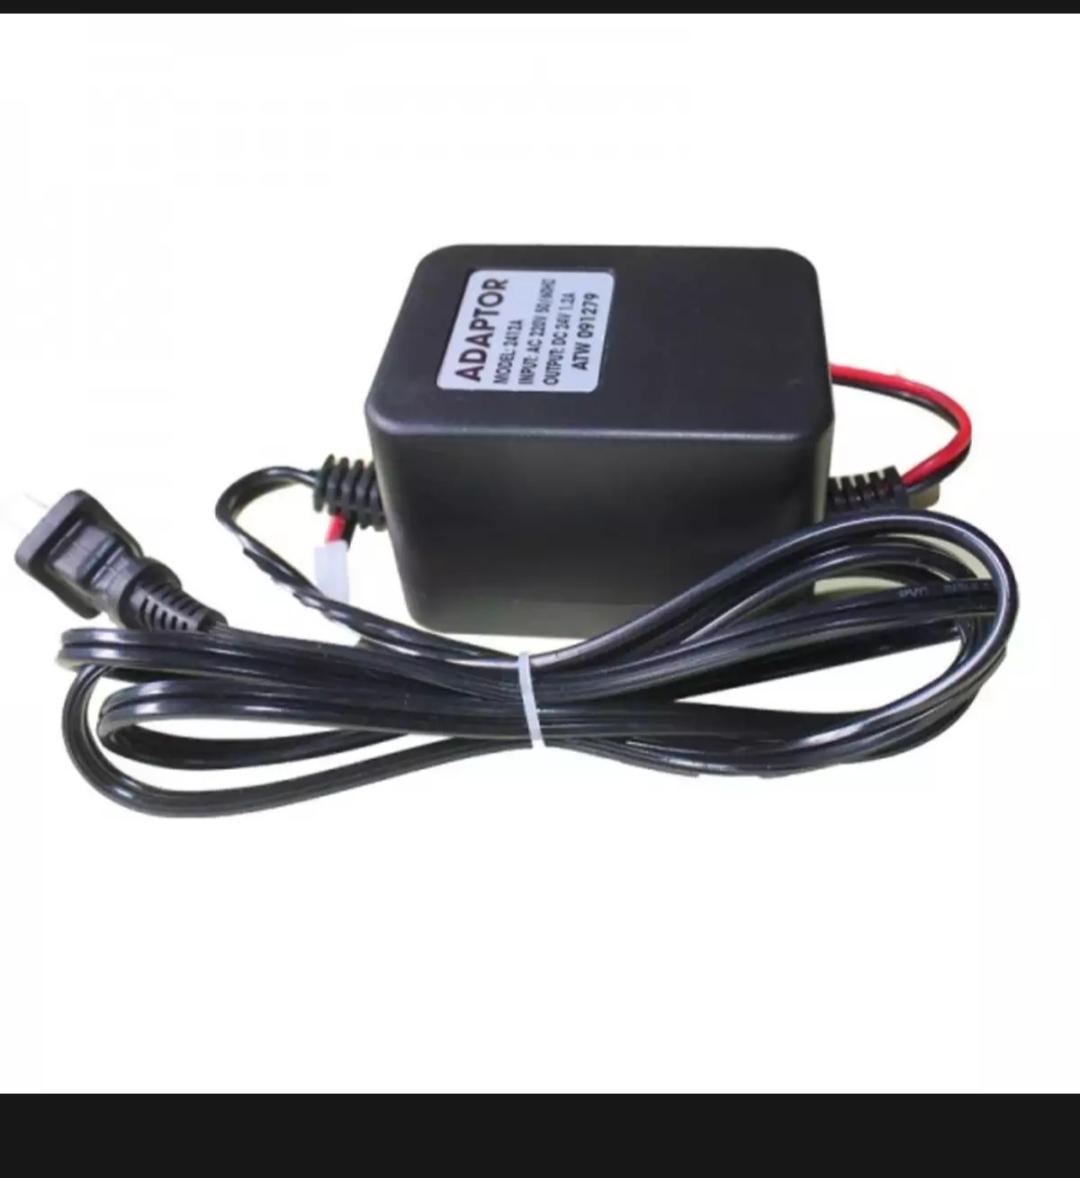 Dây nguồn  14W dành cho đèn UV trong máy lọc nước